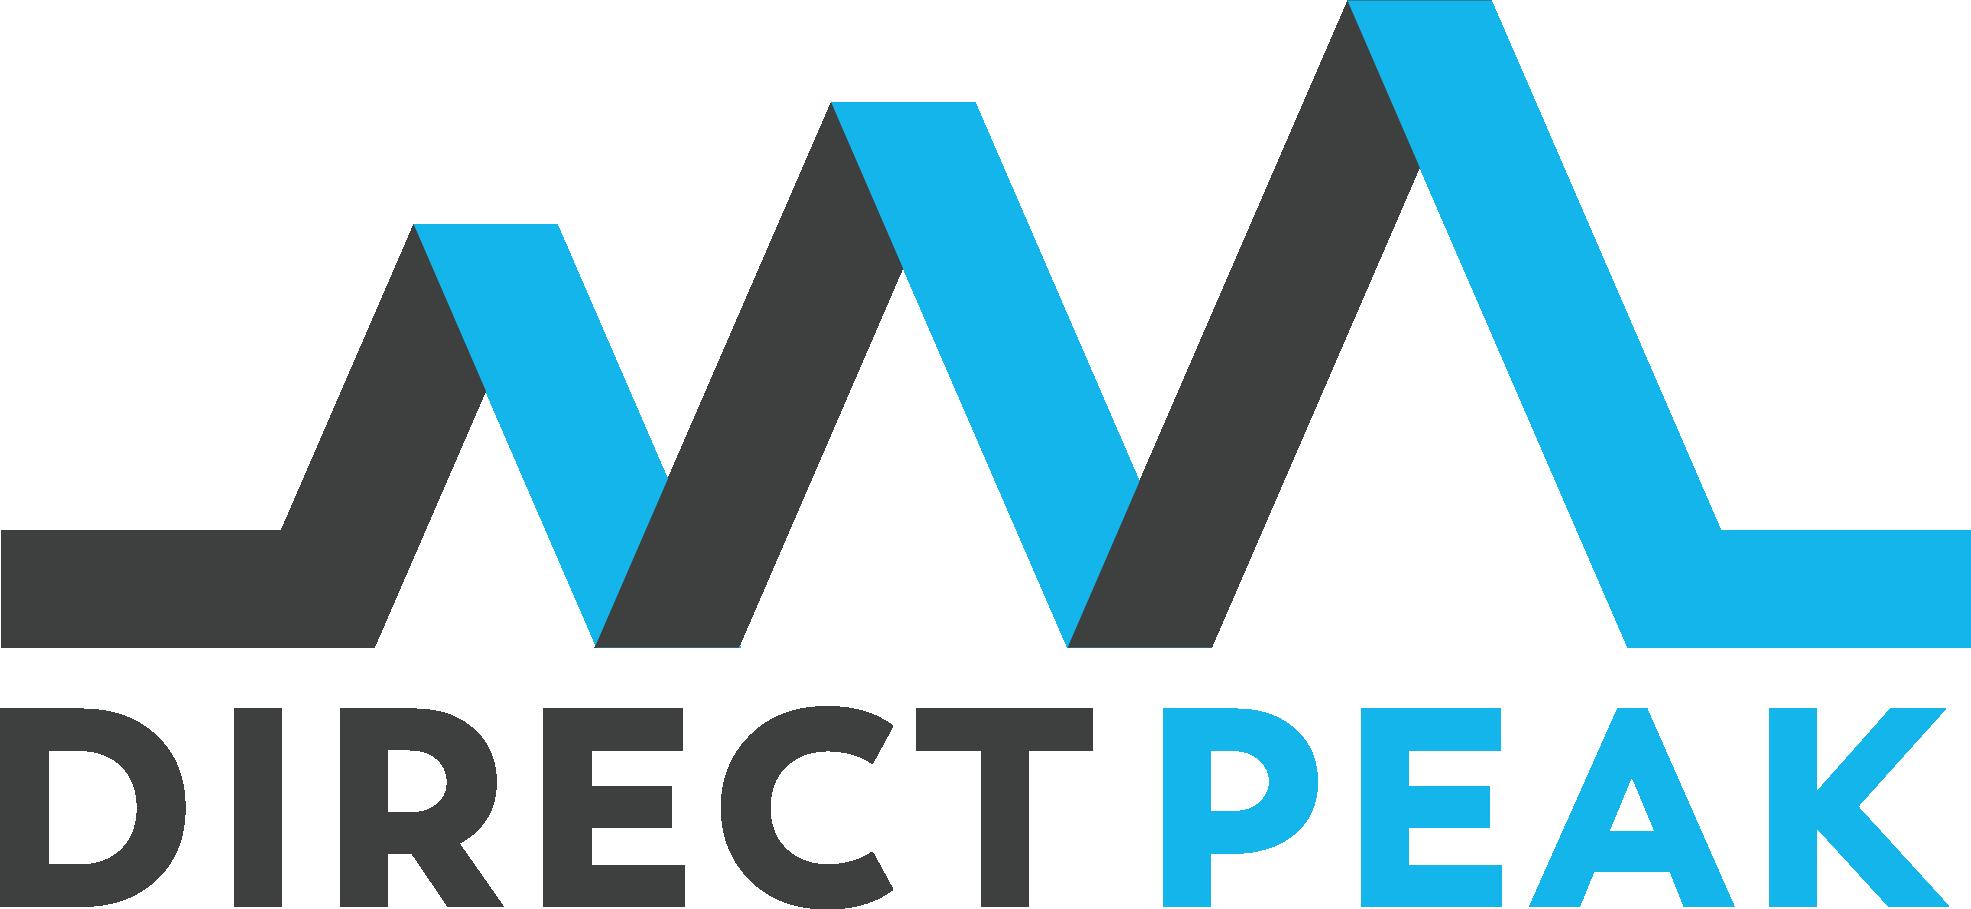 Direct Peak